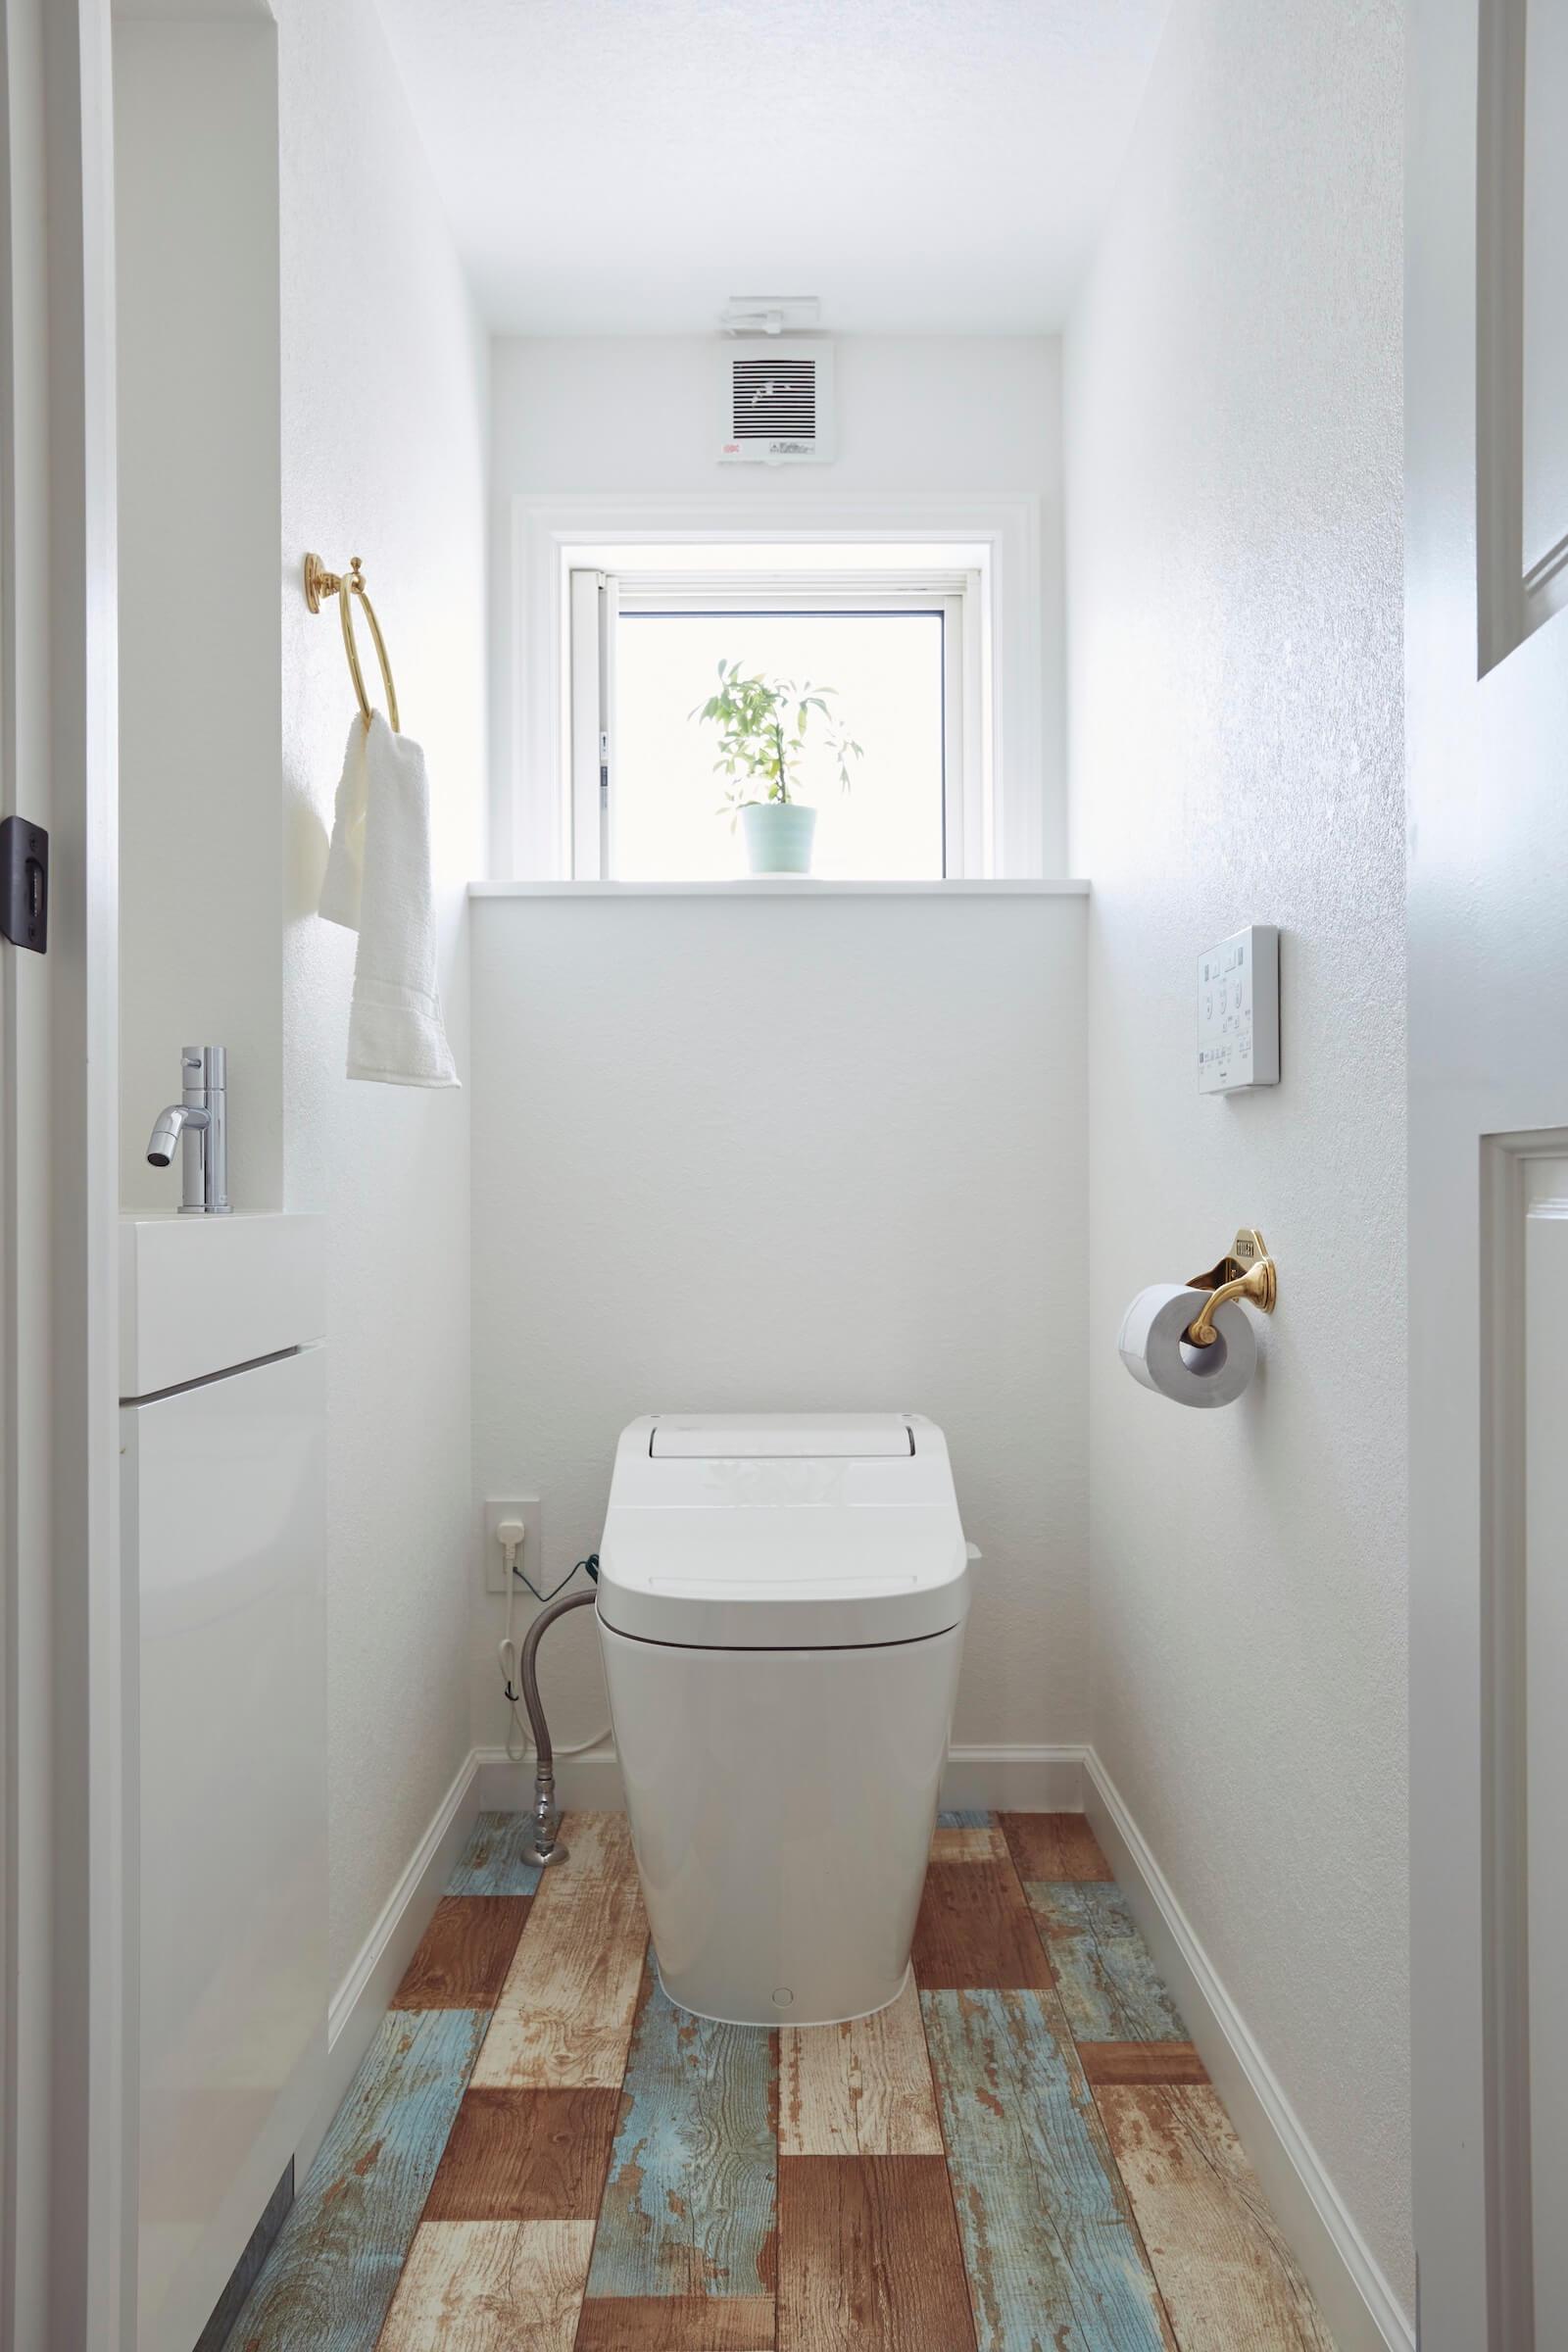 ビルトインガレージのアーリーアメリカンスタイルの輸入住宅のトイレ